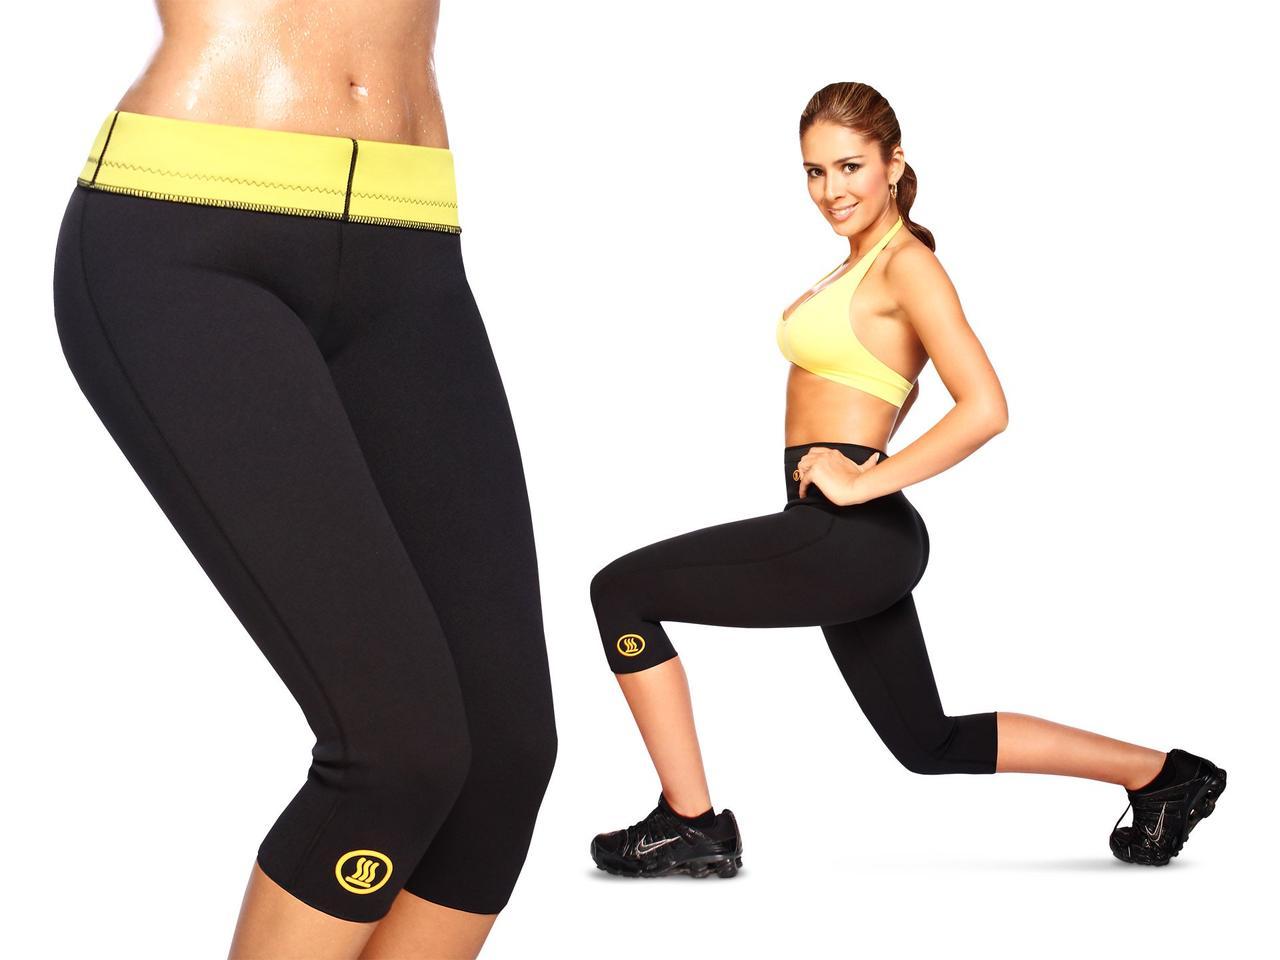 Бриджи (шорты) для похудения Hot Shapers - СпортОпт - Спорттовары оптом в Киеве